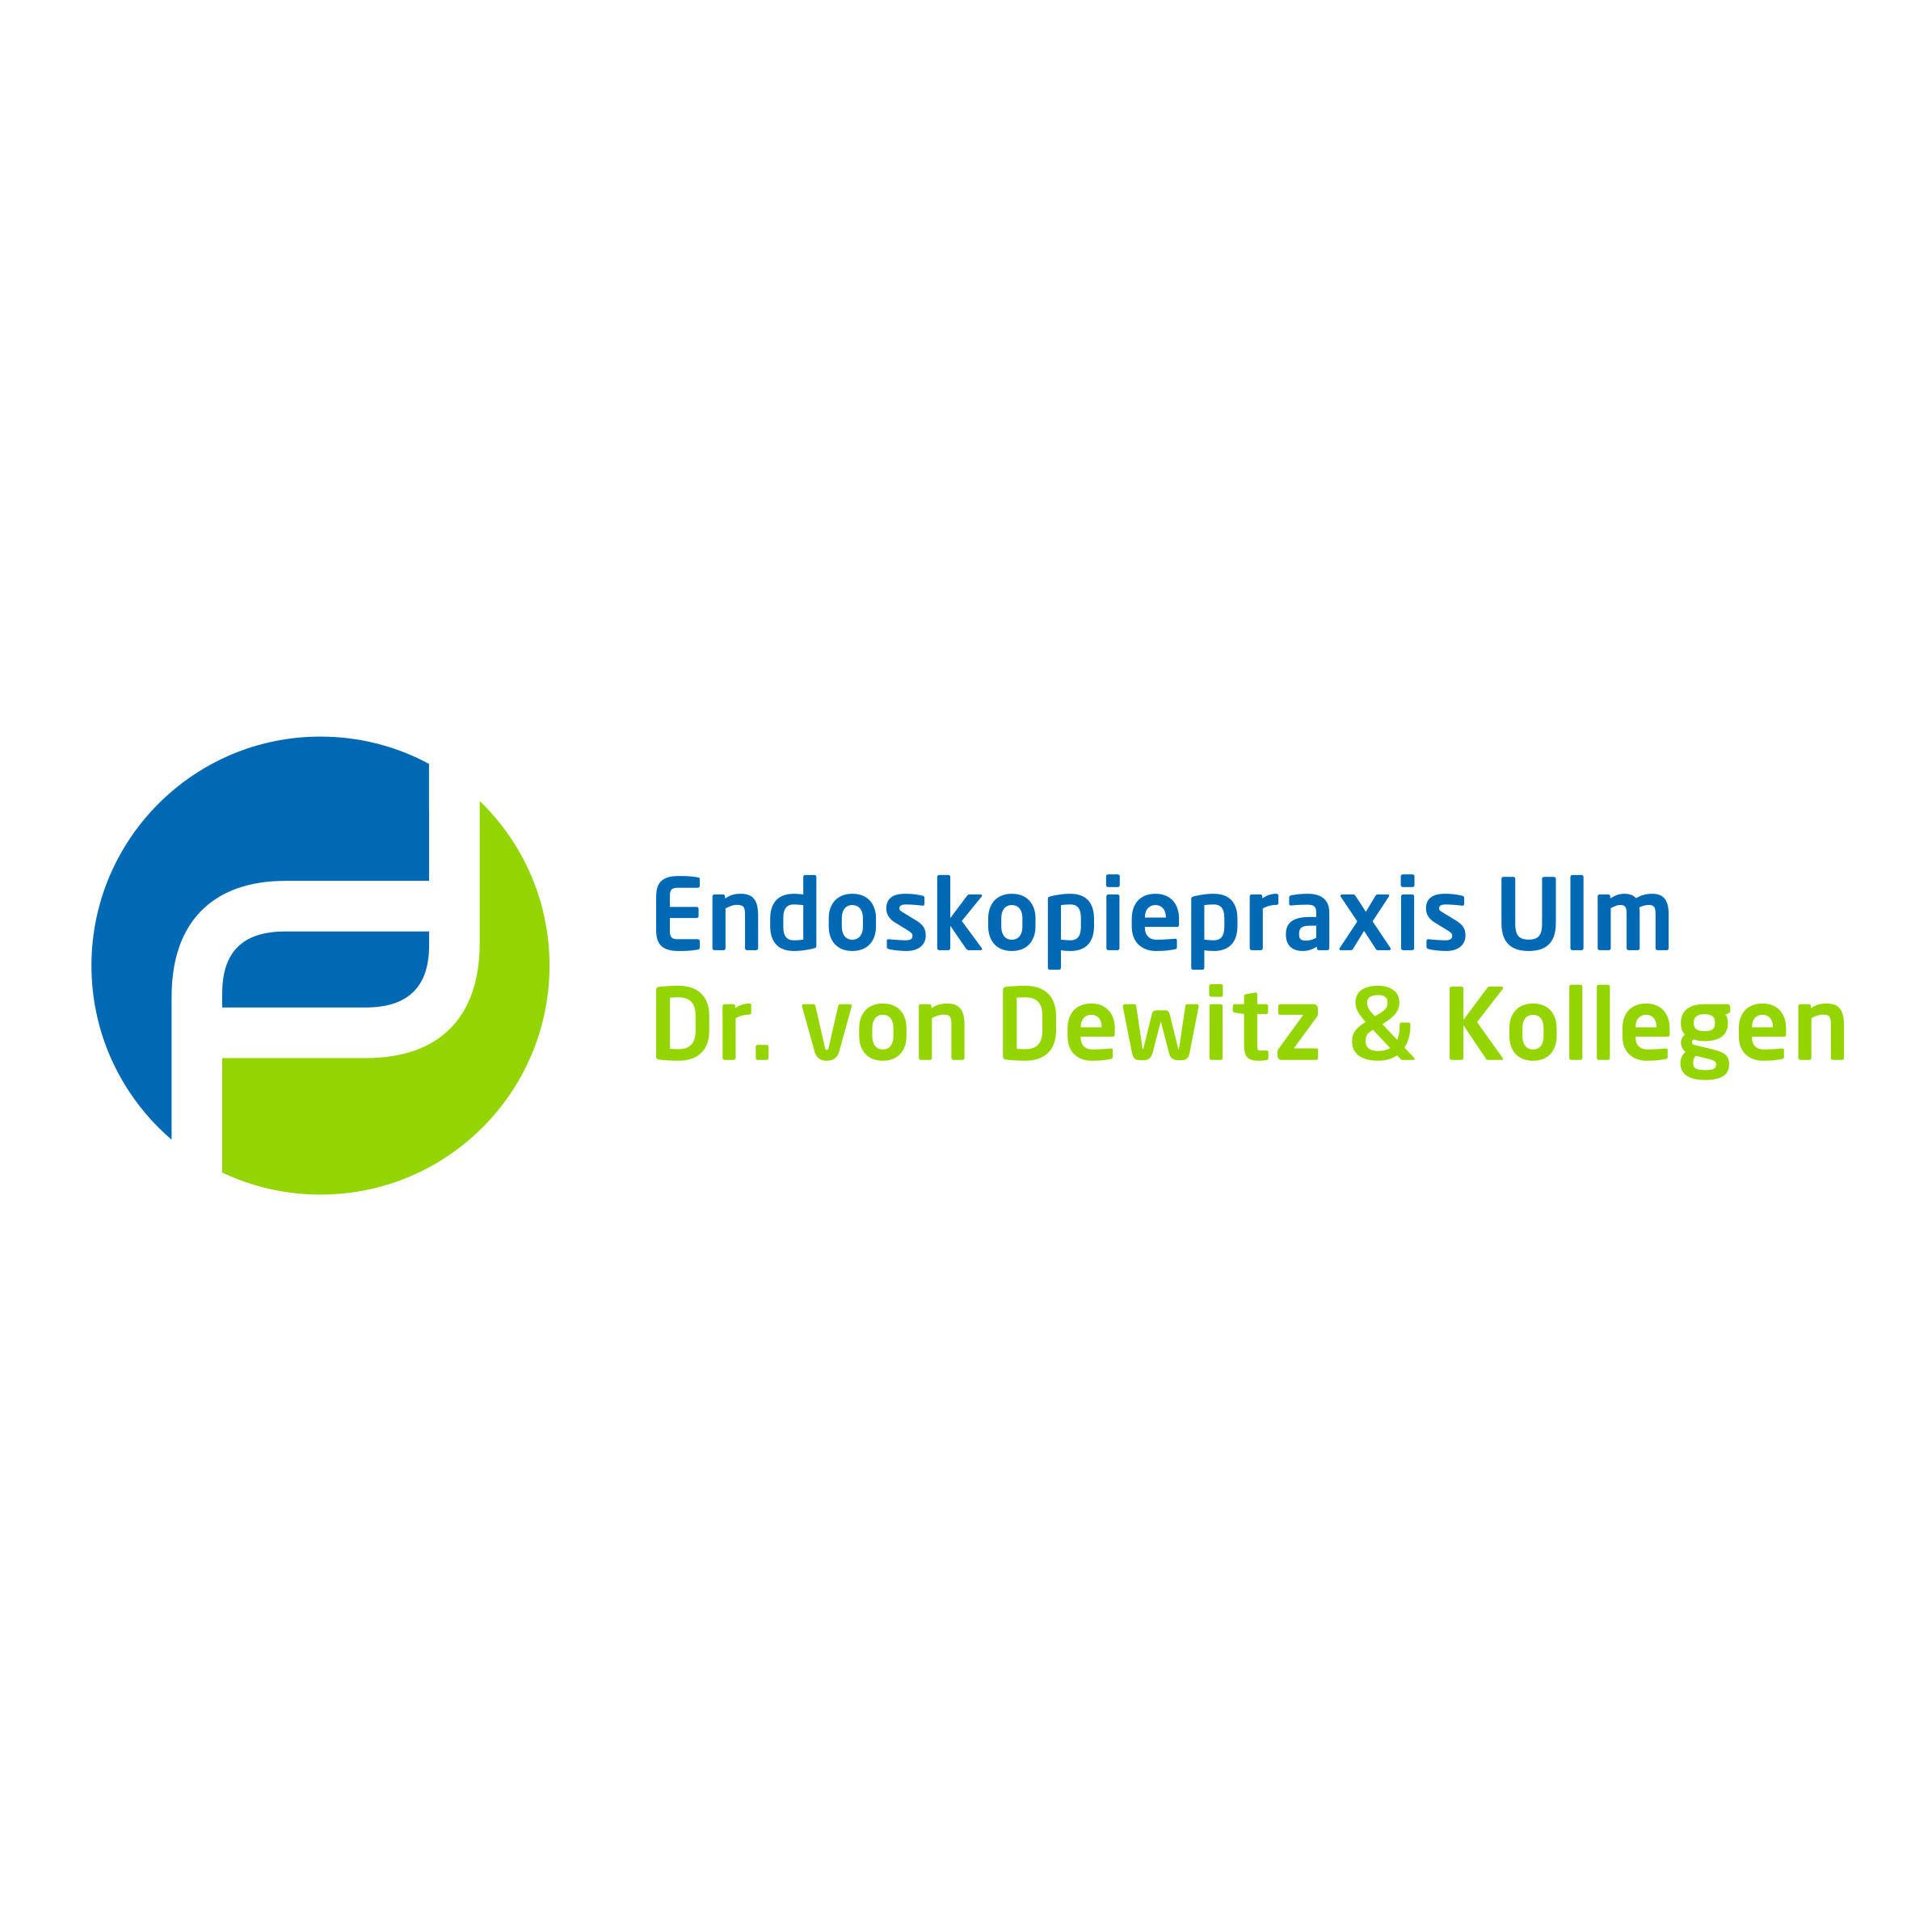 Bild zu Dr. von Dewitz & Kollegen, Endoskopische Schwerpunktpraxis in Ulm an der Donau